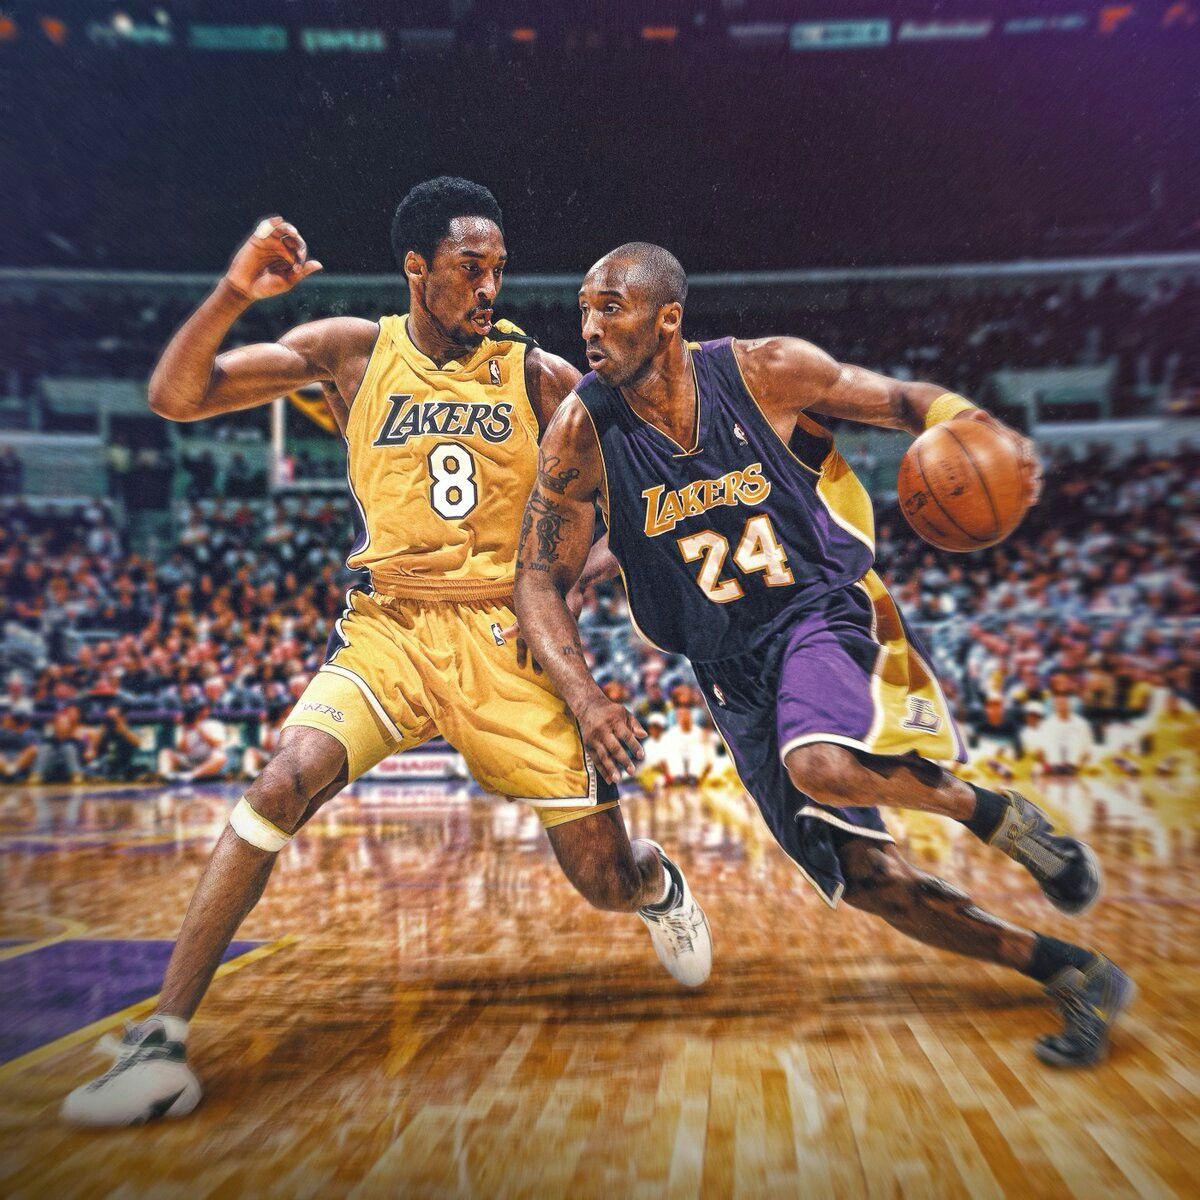 Kobe Vs Kobe Kobe Bryant Pictures Kobe Bryant Wallpaper Lakers Kobe